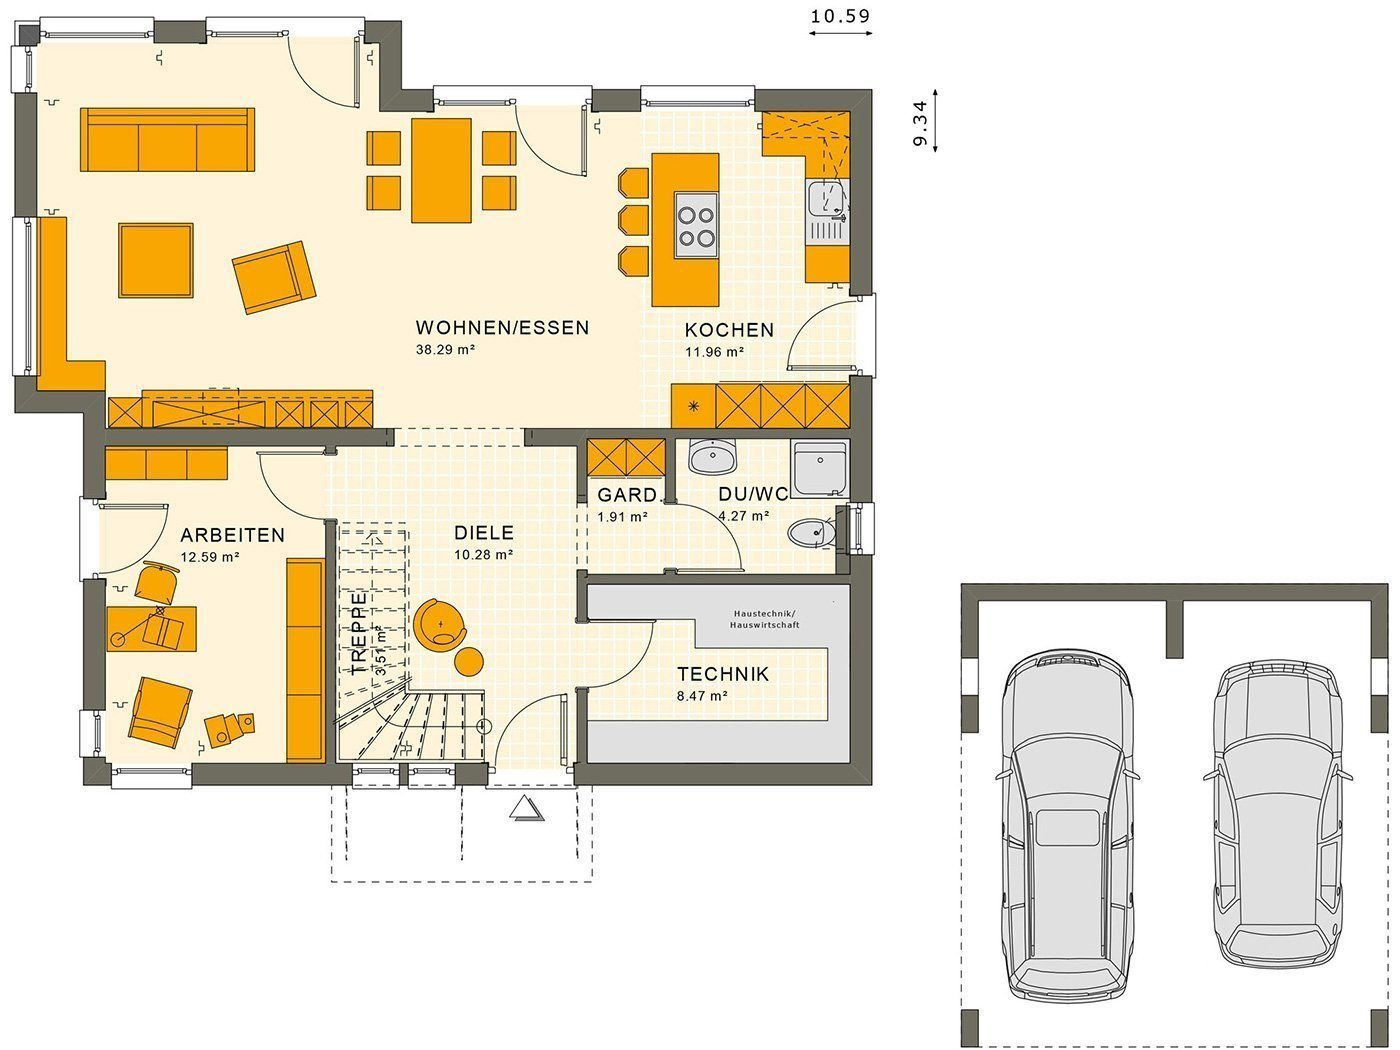 SUNSHINE 165 V2 - Eine Nahaufnahme von einer Karte - Gebäudeplan